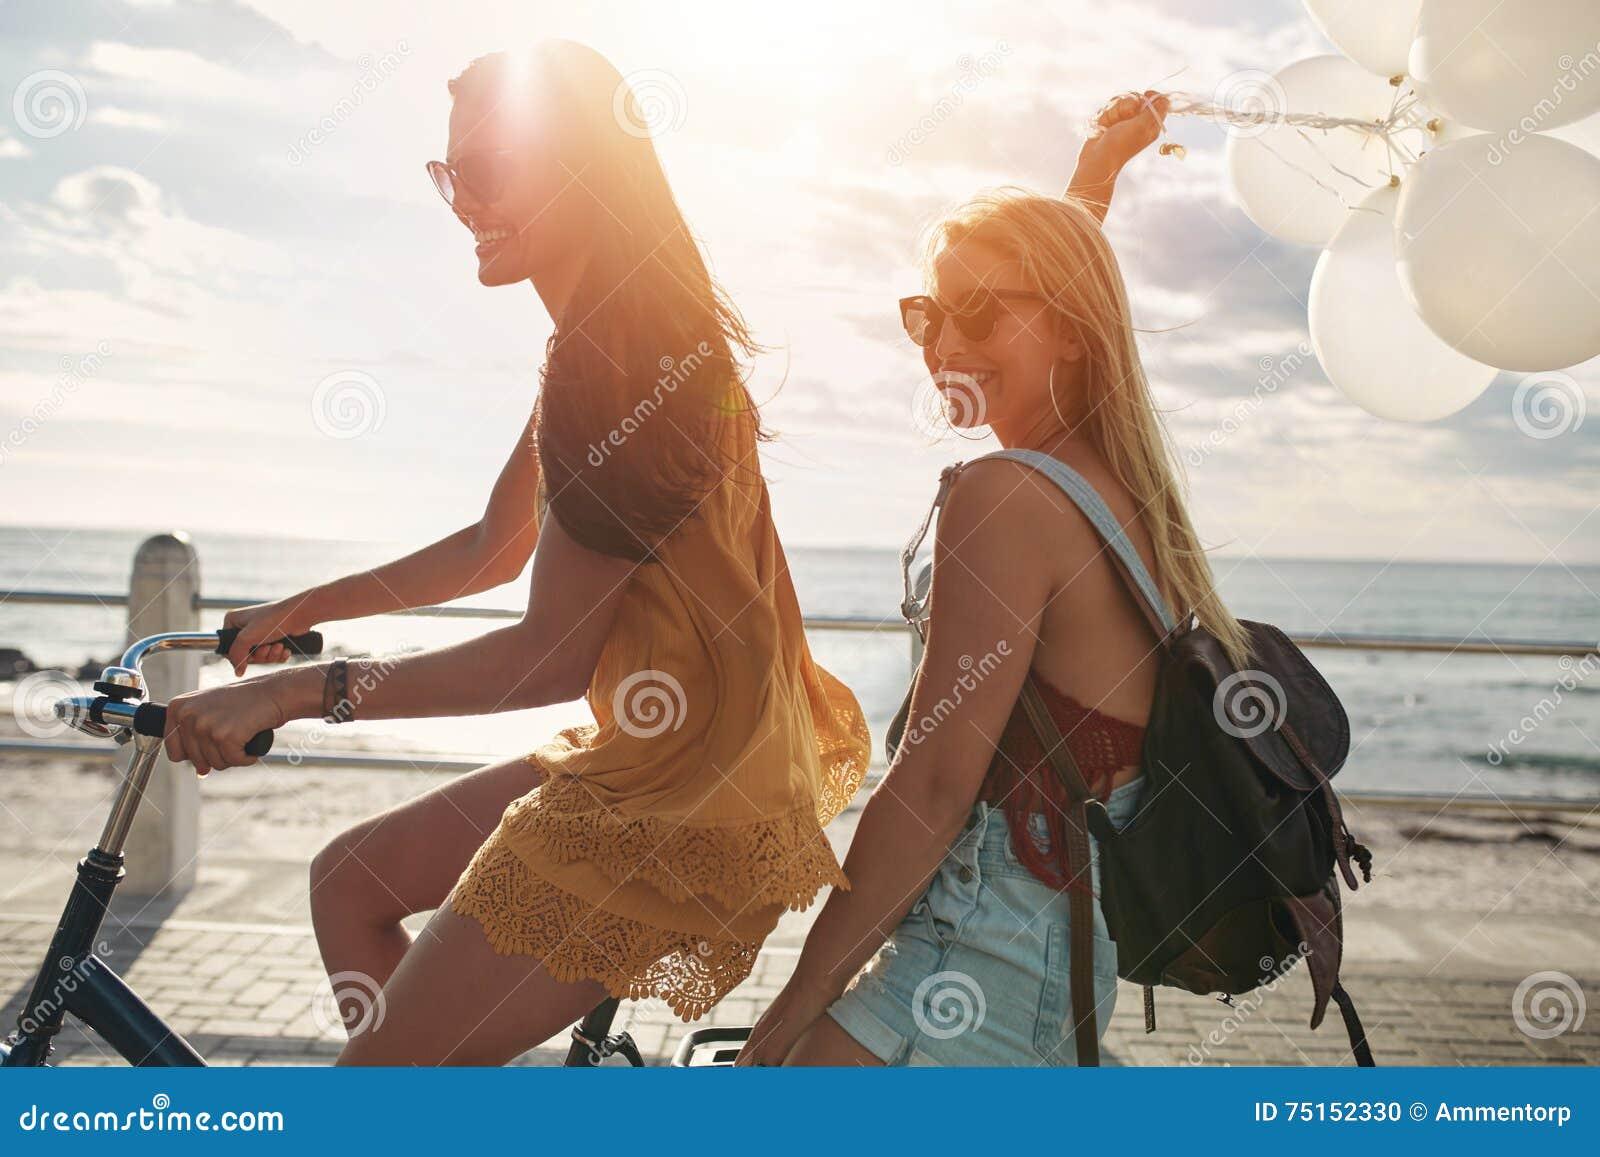 Счастливые молодые женщины на велосипеде вместе с воздушными шарами